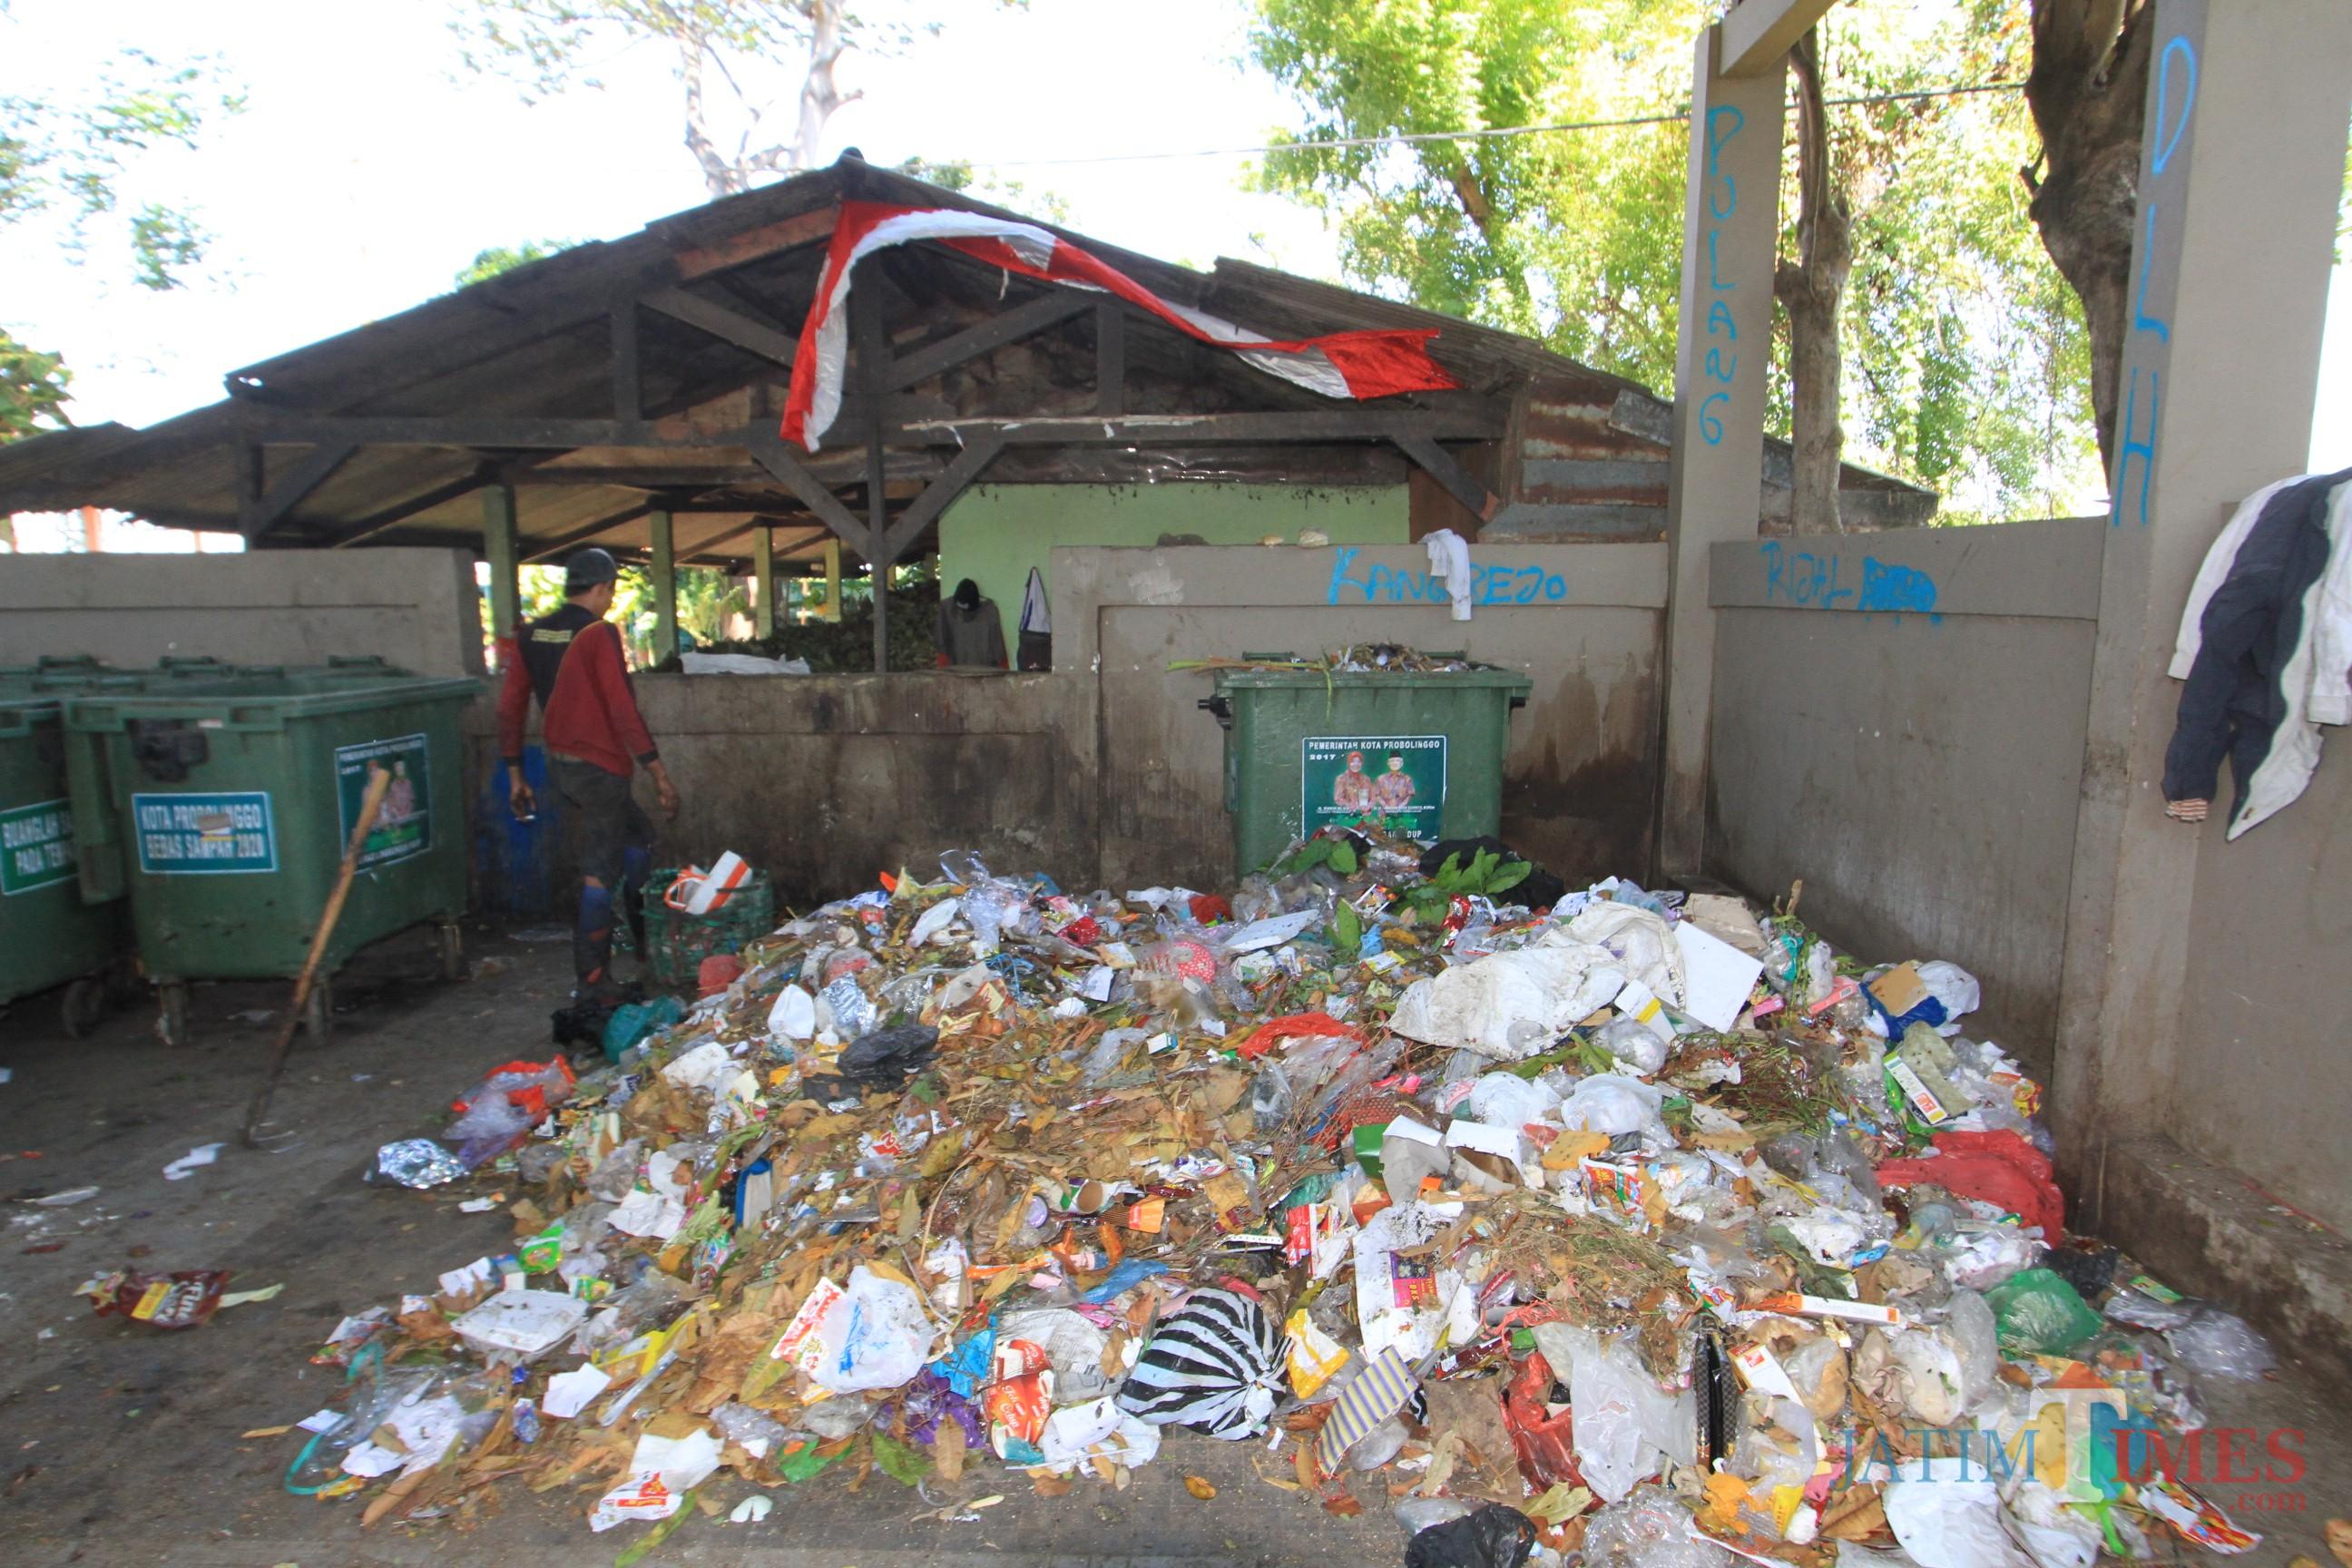 Sampah di Tempat Penampungan Sementara (TPS) Jalan Gubernur Suryo, tinggal sedikit  (Agus Salam.Jatim TIMES)